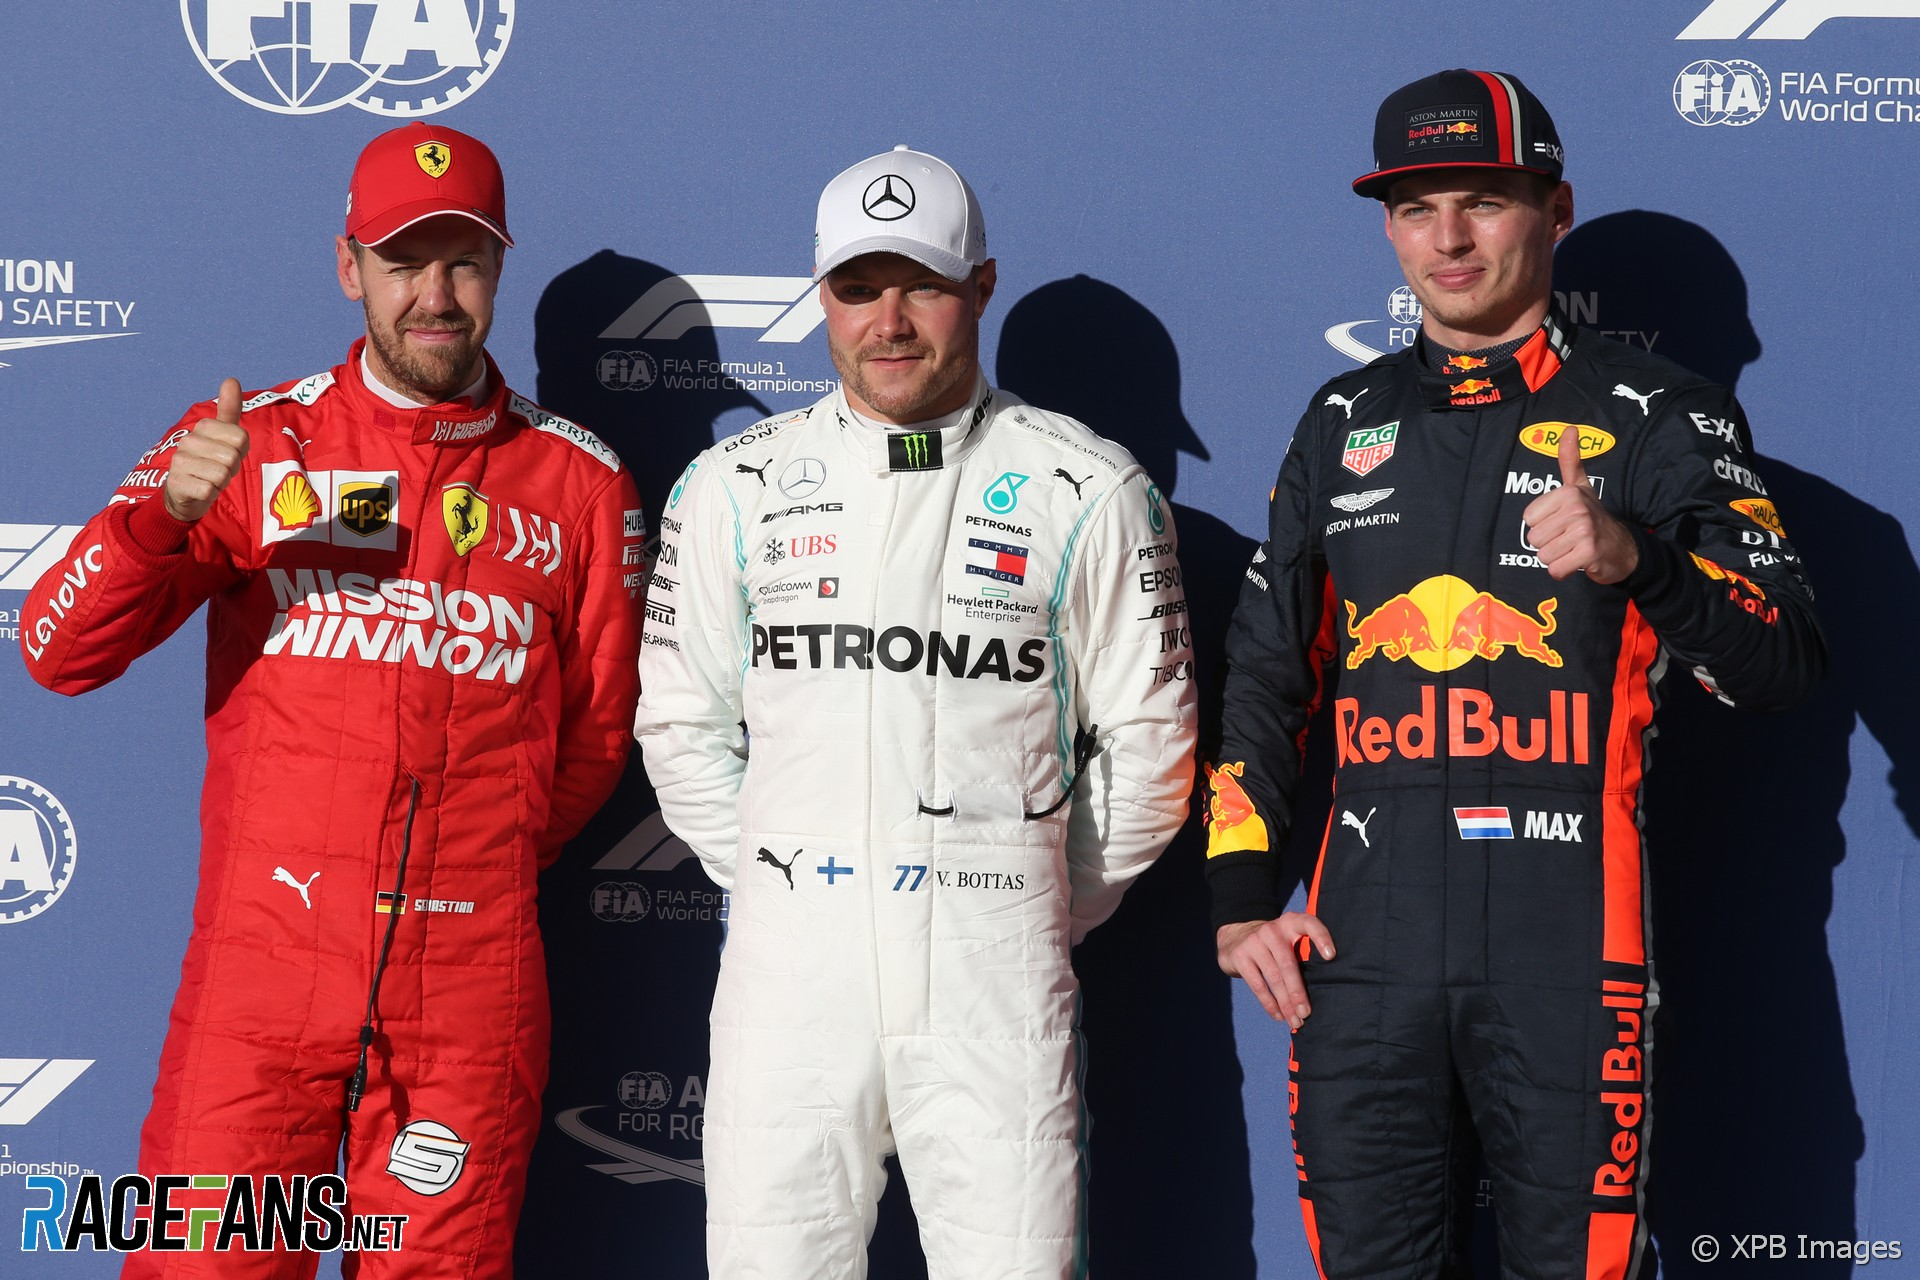 Valtteri Bottas, Mercedes, Circuit of the Americas, 2019